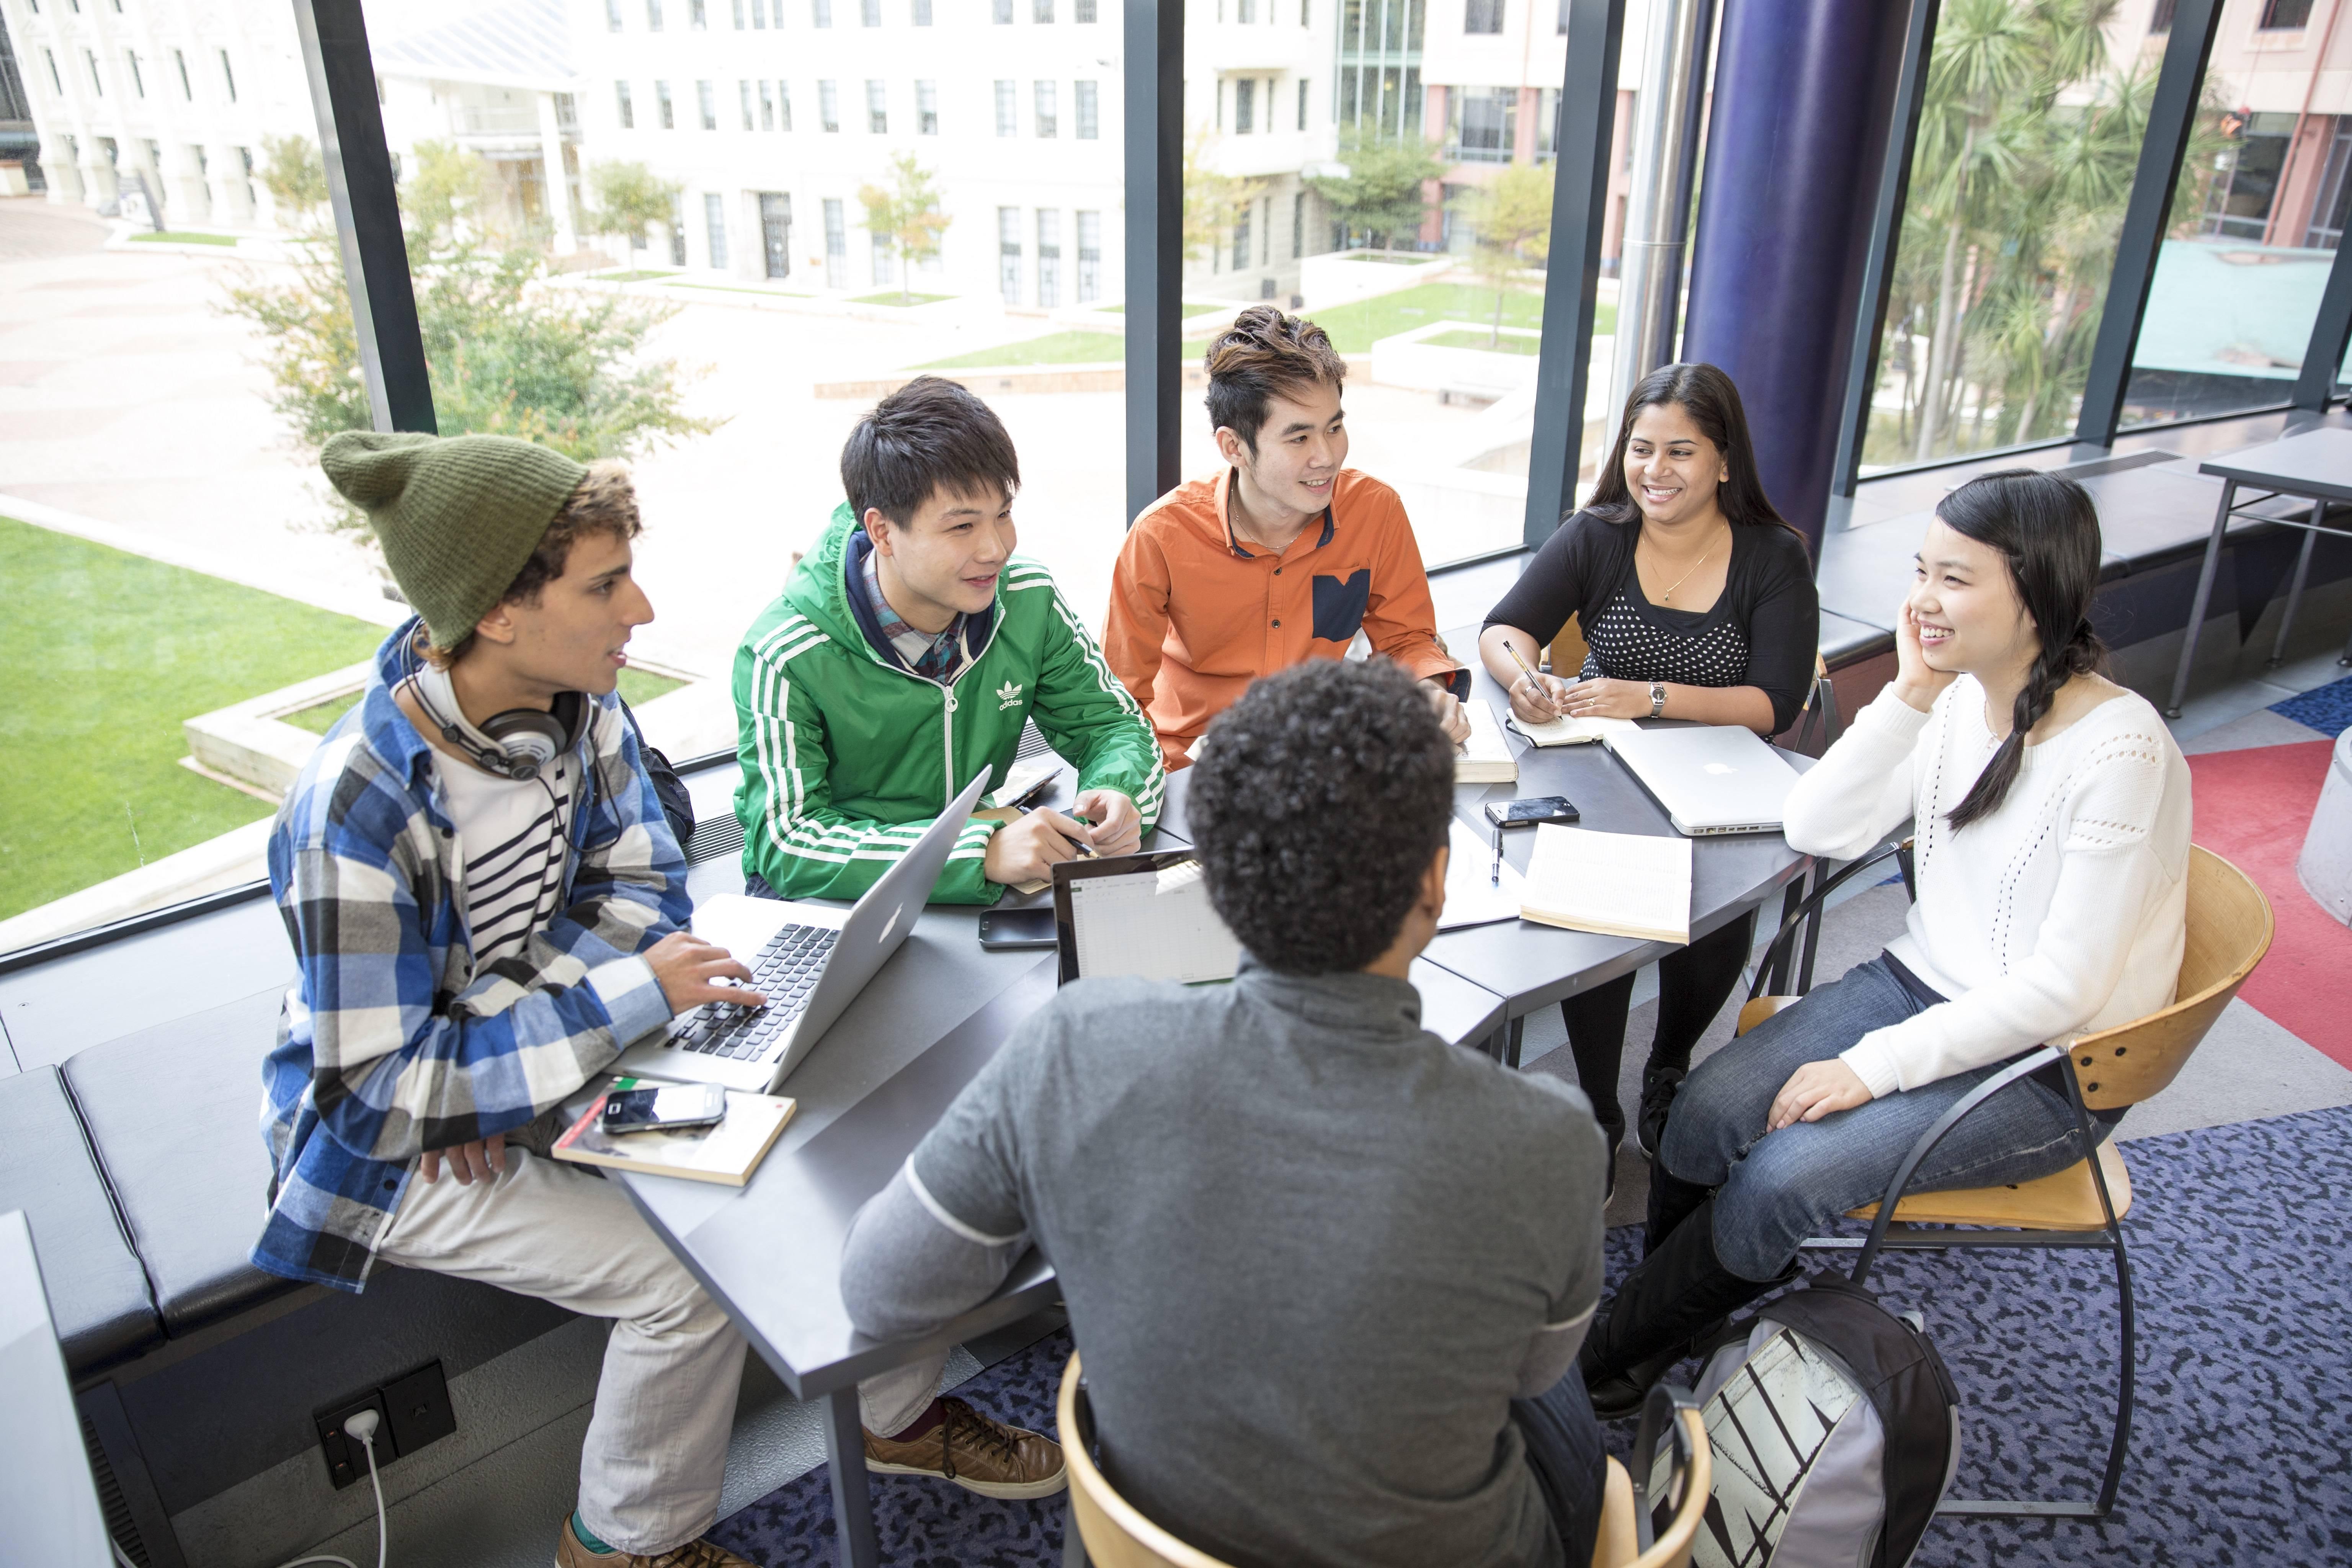 Обмен учениками между странами: образование за рубежом